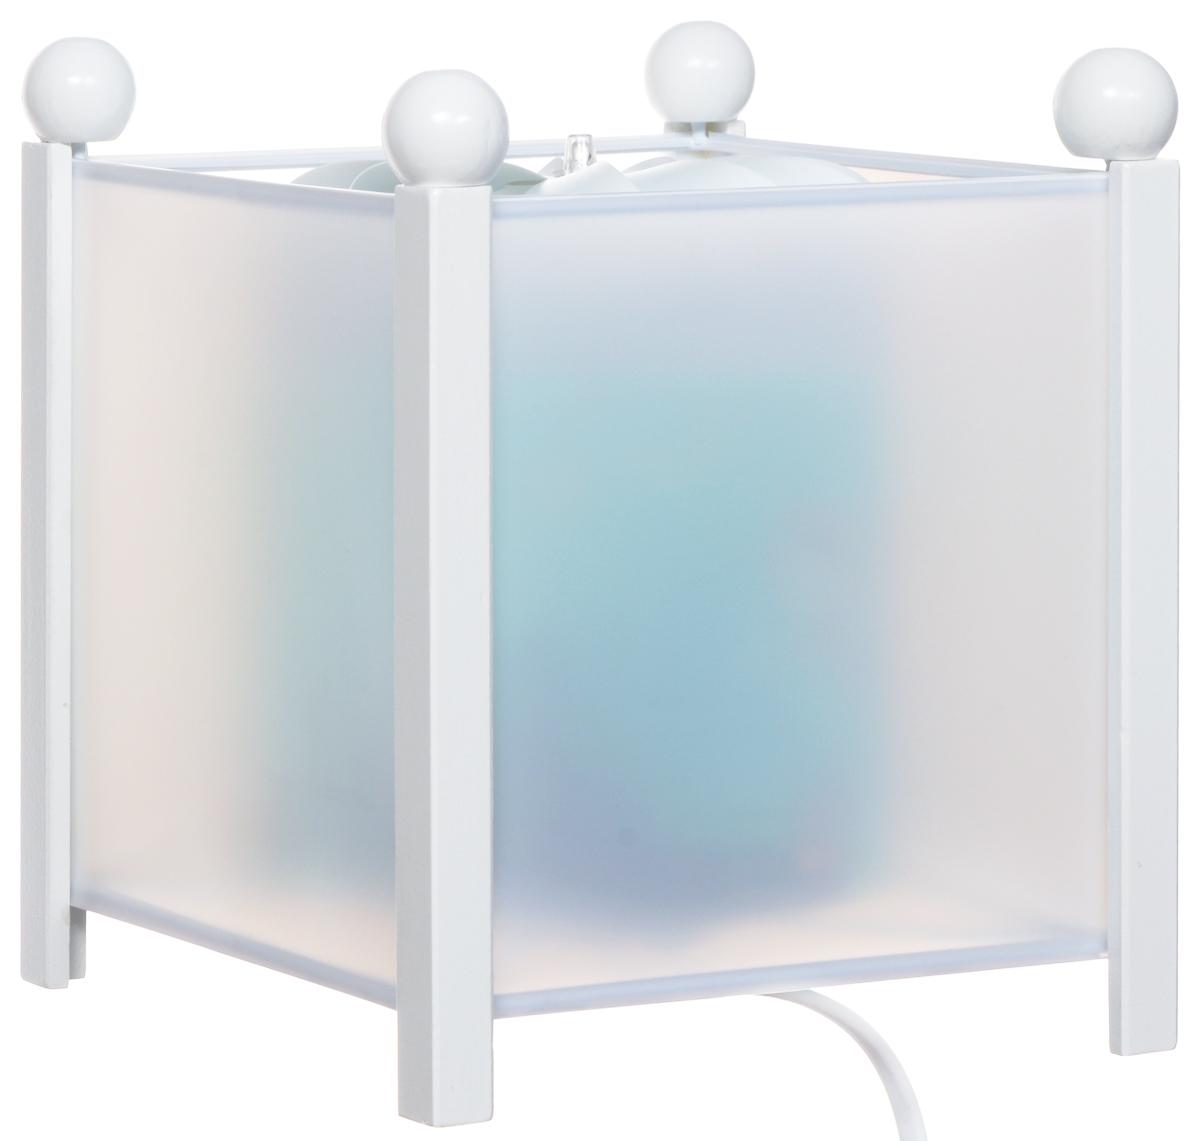 Trousselier Светильник-ночник с проектором Ninon Hero4381W 12VСветильник-ночник с проектором Trousselier Ninon Hero - идеальный аксессуар для детской комнаты. Нежный свет и красочные картинки с отважными супергероями создадут атмосферу уюта, успокоят и убаюкают кроху. Вы можете подобрать картинку, а также музыкальную подставку с подзаводом (опция). Ночник с двойной функцией - вращающаяся картинка внутри, либо как проектор на стену. Цилиндр ночника вращается благодаря системе нагрева от лампочки 12V-10W, цоколь E 14. Тип розетки: C. Соответствует нормам безопасности: CE EN 60598-2-10. Материал: металл, дерево, жароустойчивый пластик. В комплект входит светильник, сетевой адаптер.